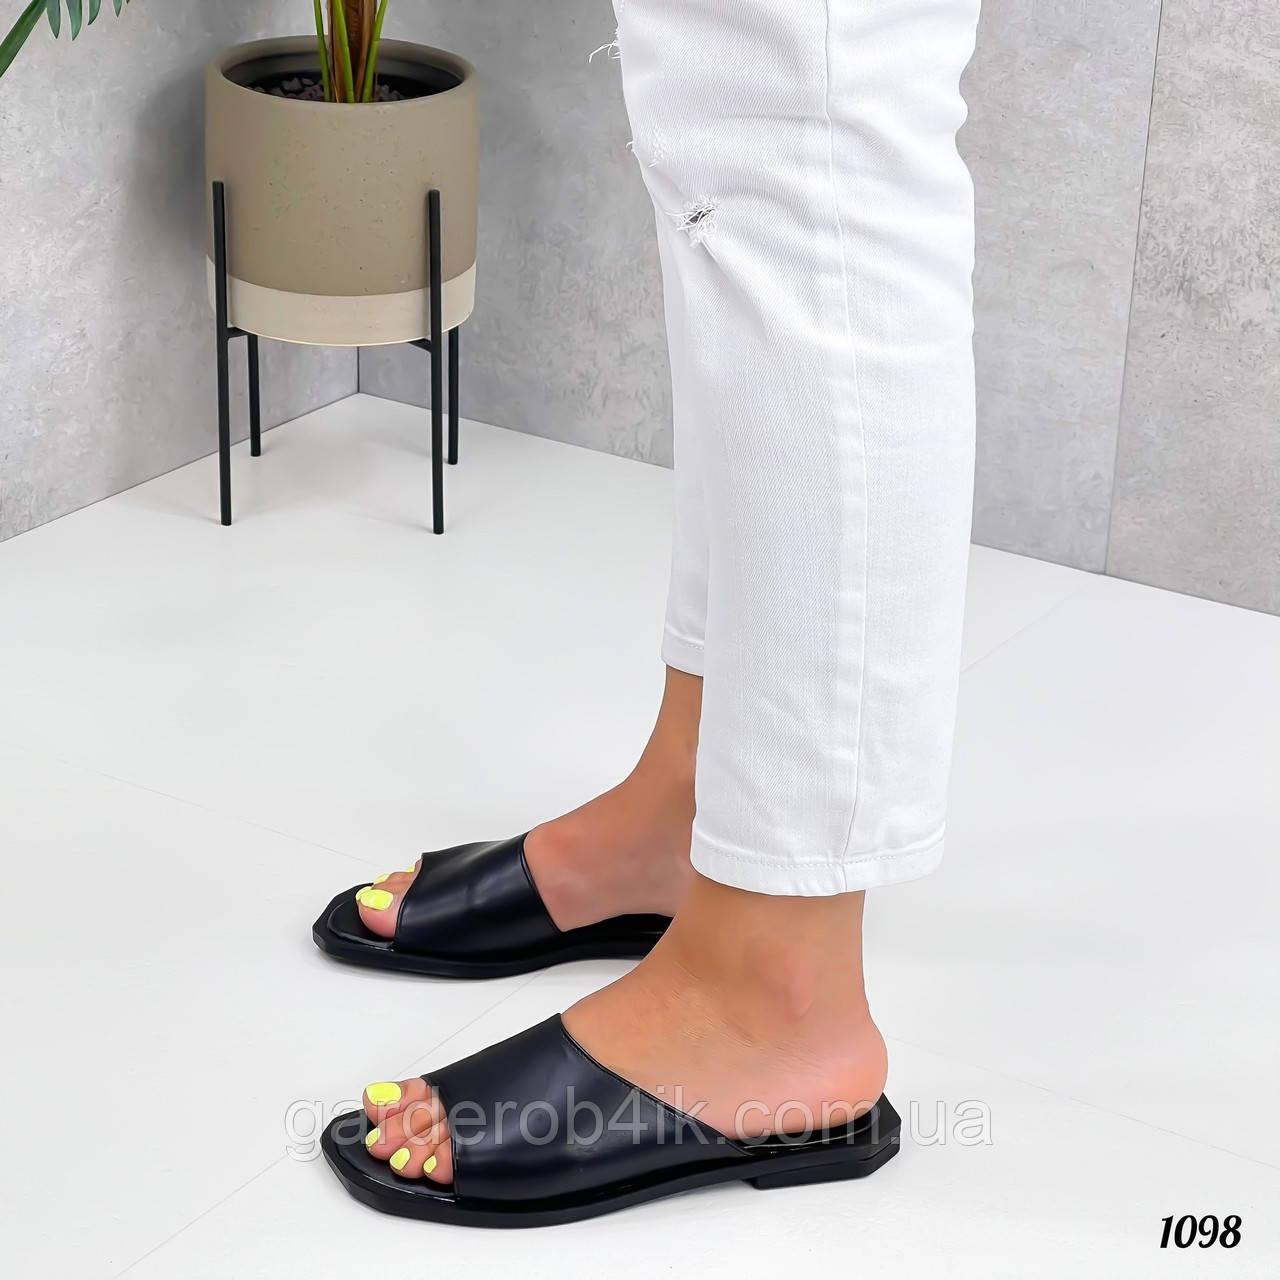 Жіночі шкіряні шльопанці, квадратний носок